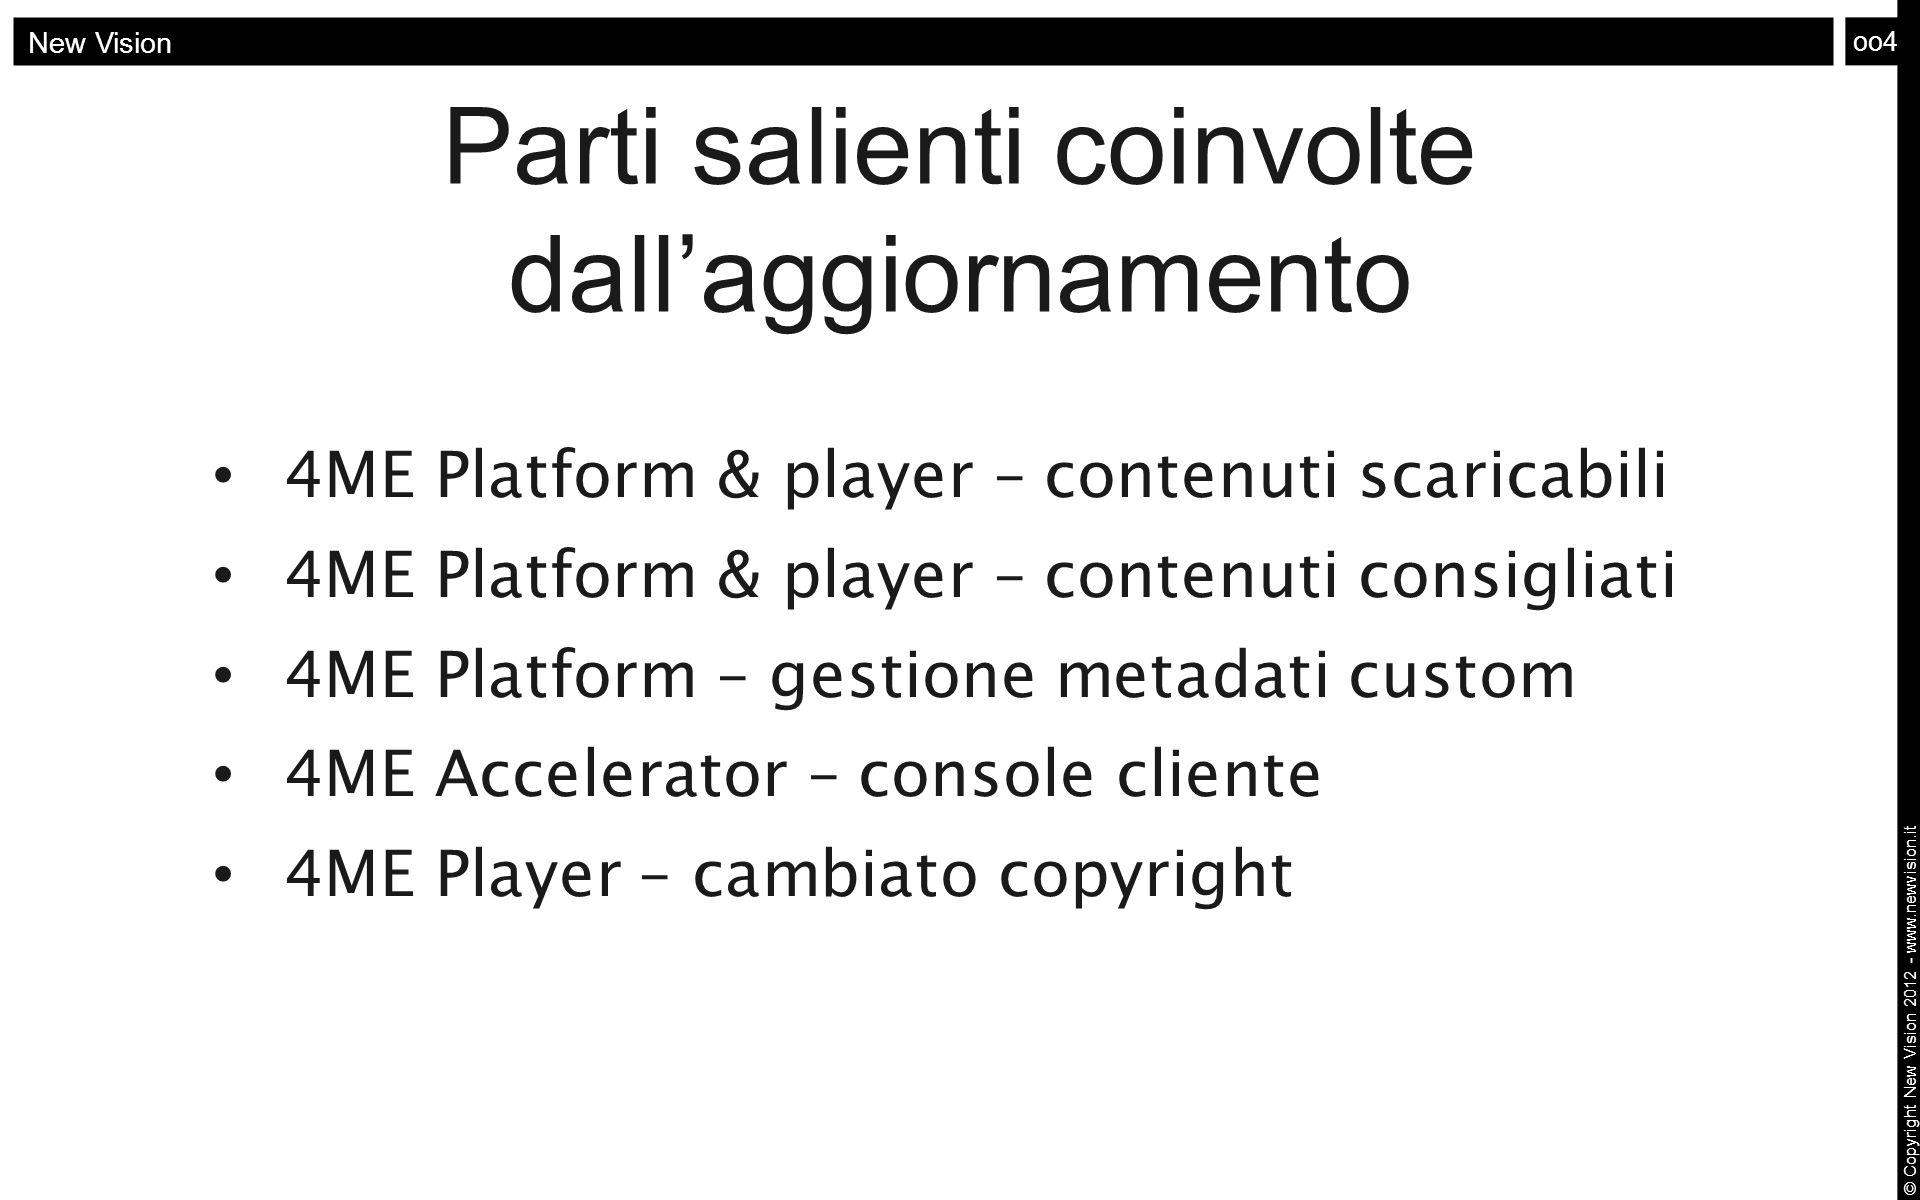 oo4 New Vision © Copyright New Vision 2012 - www.newvision.it Parti salienti coinvolte dall'aggiornamento 4ME Platform & player – contenuti scaricabil